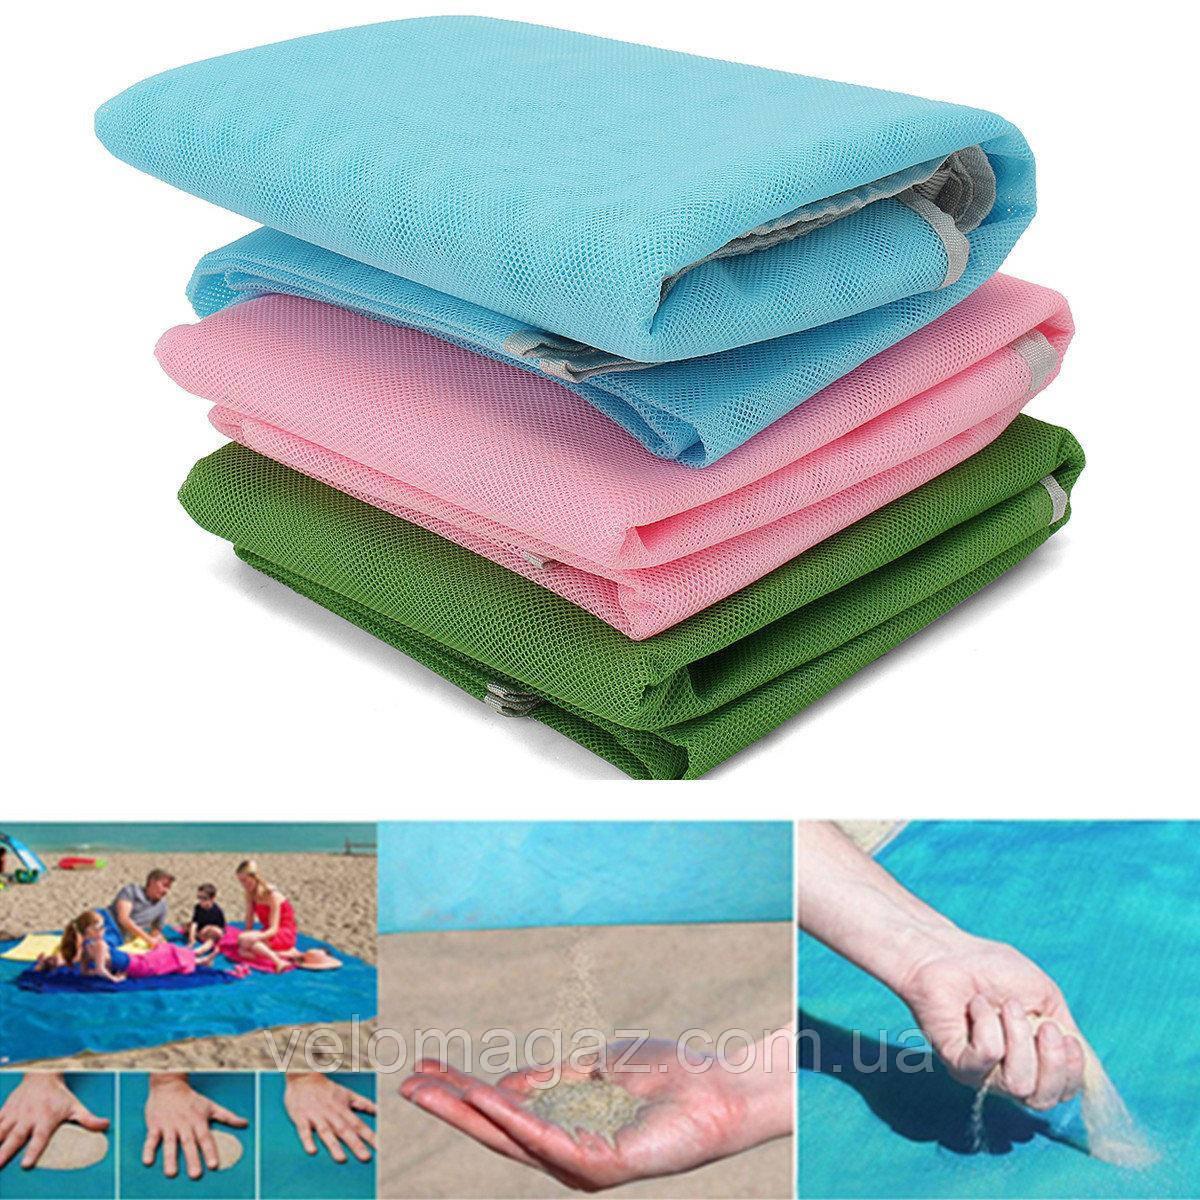 Пляжная подстилка анти-песок Sand Free Mat / пляжный коврик / коврик для пикника / коврик для моря